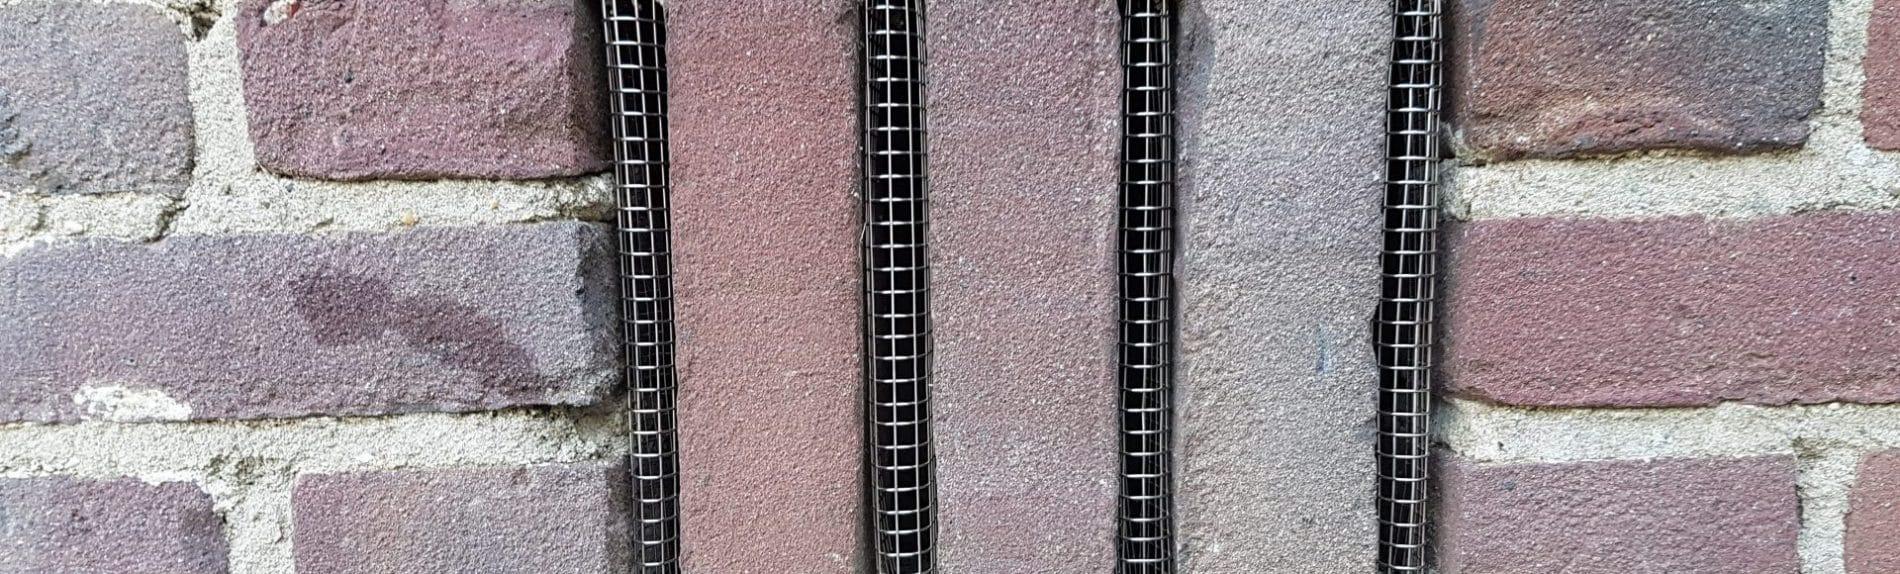 Wering van Ongedierte - Vermex Ongediertebestrijding - roosters en dichten van kieren met RVS en cement